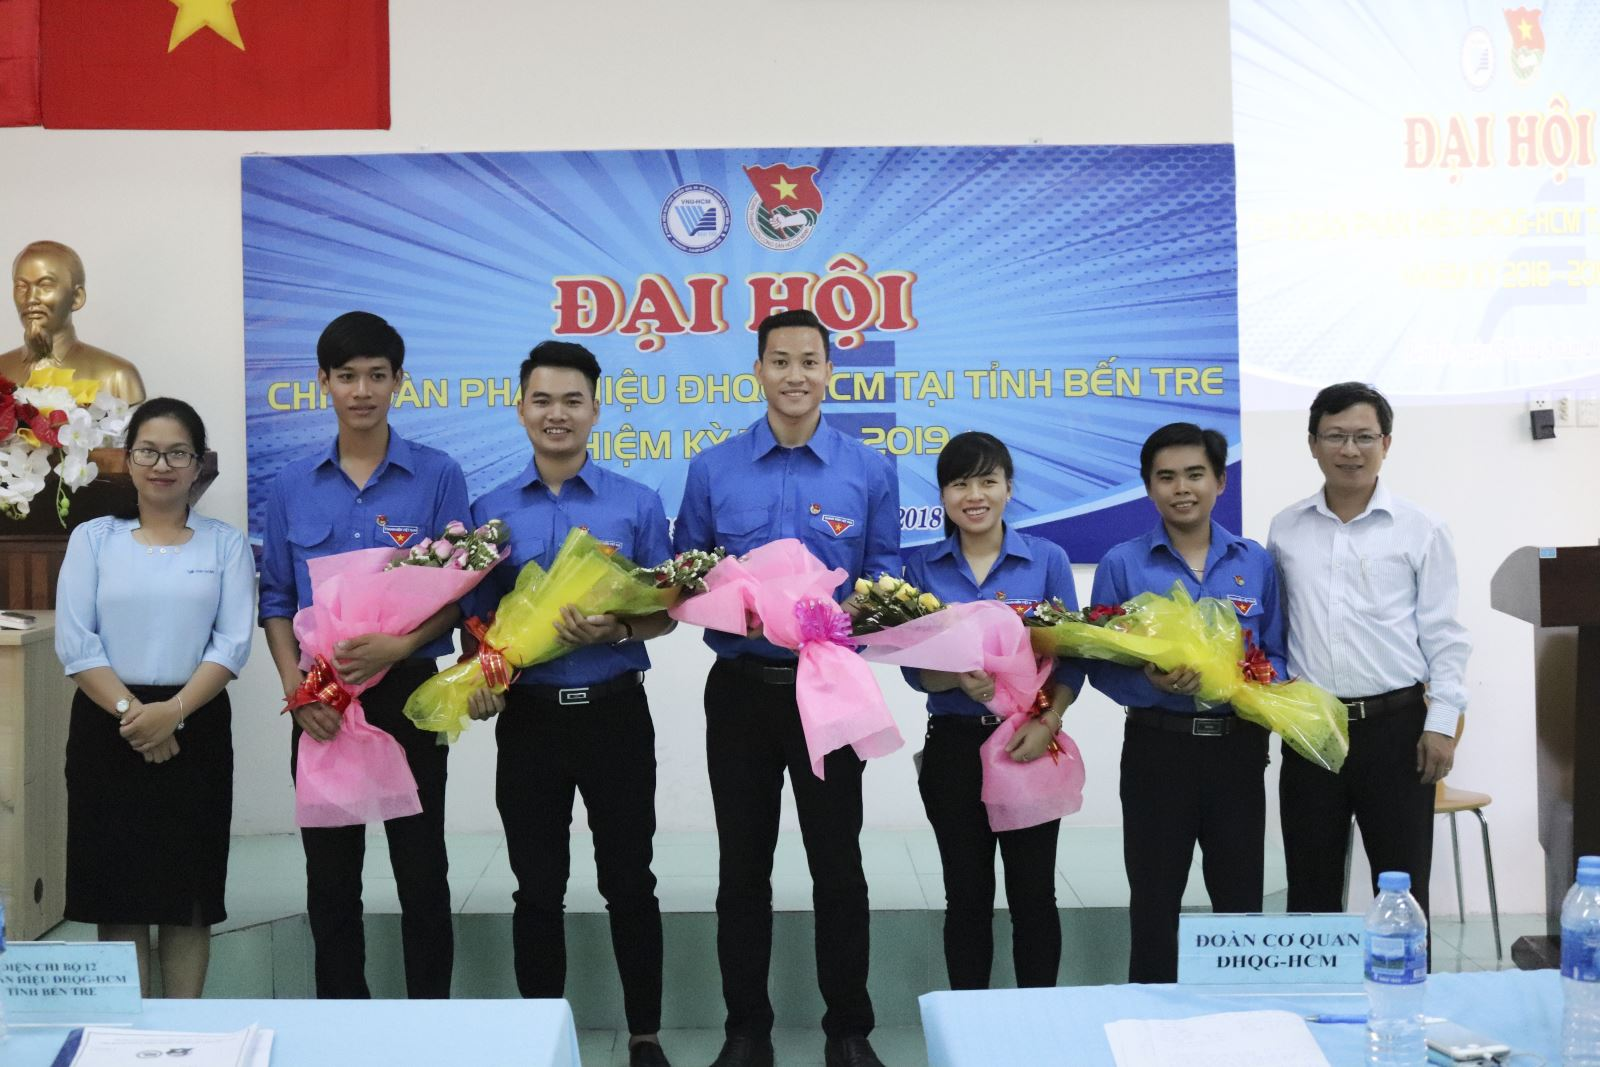 Đại hội Chi Đoàn Phân hiệu ĐHQG-HCM tại tỉnh Bến Tre Lần thứ I, Nhiệm kỳ 2018 - 2019 khép lại thành công tốt đẹp